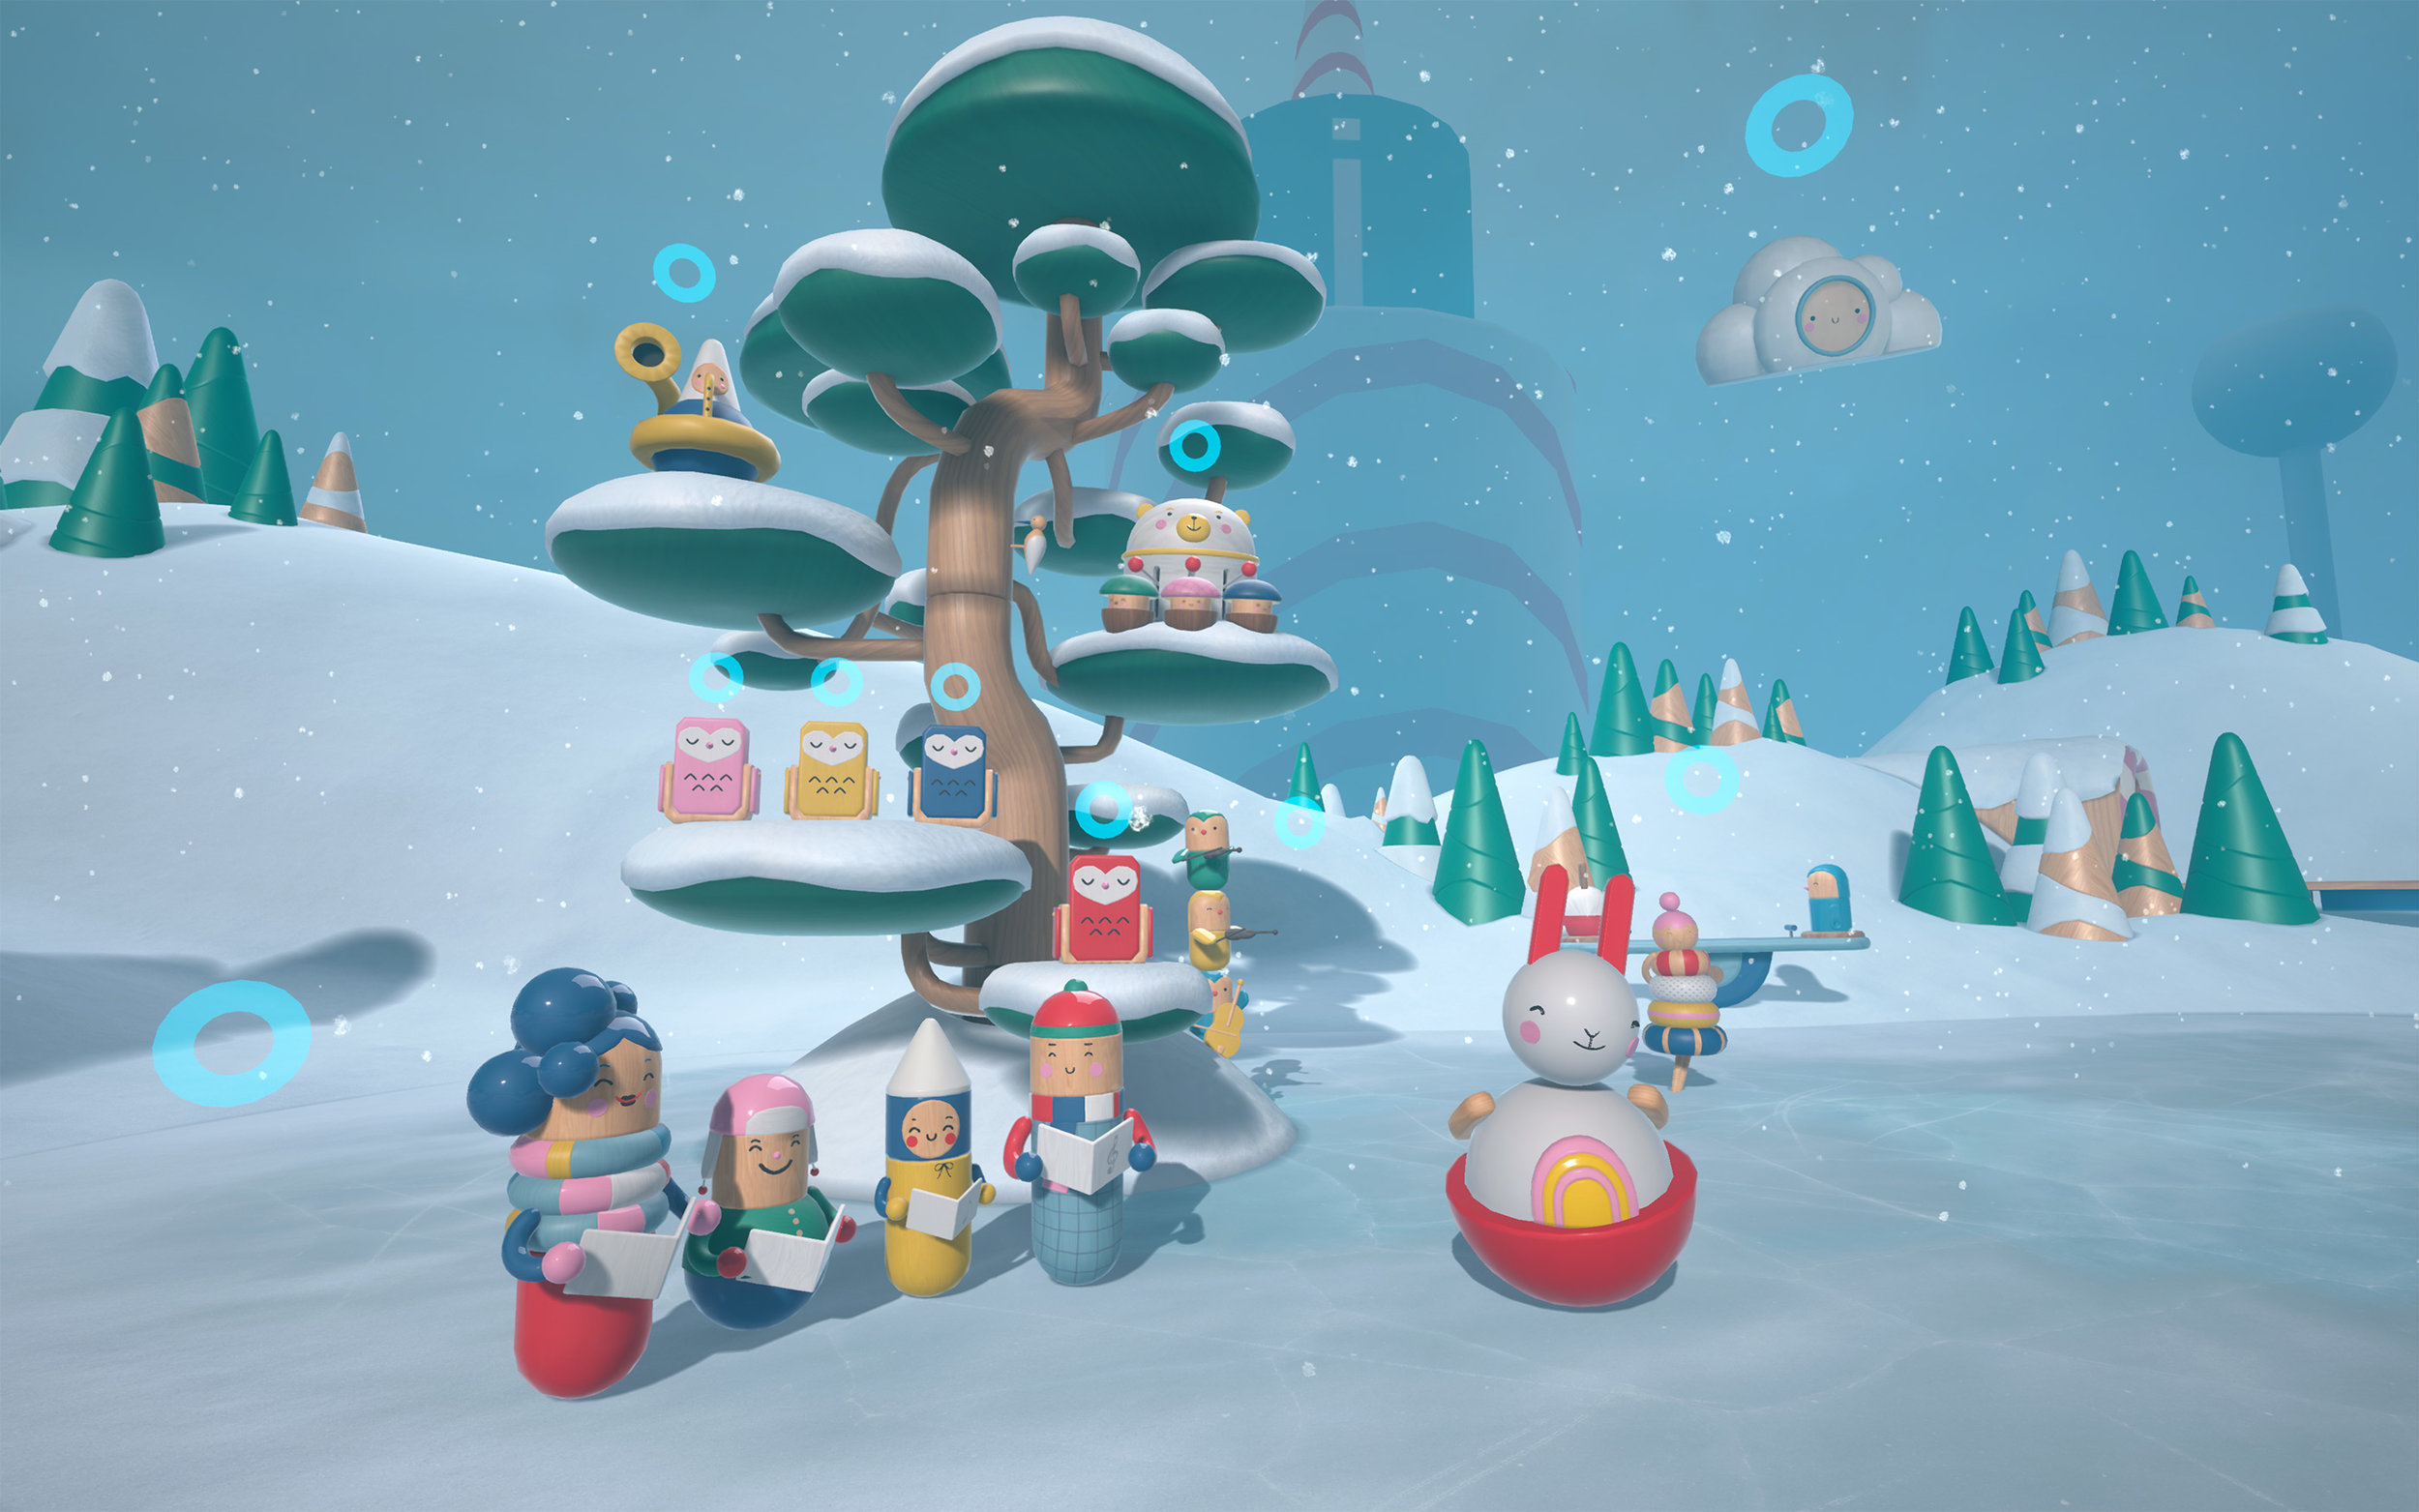 19641_5Cx9Z6_honda_snowglobe_00.jpg